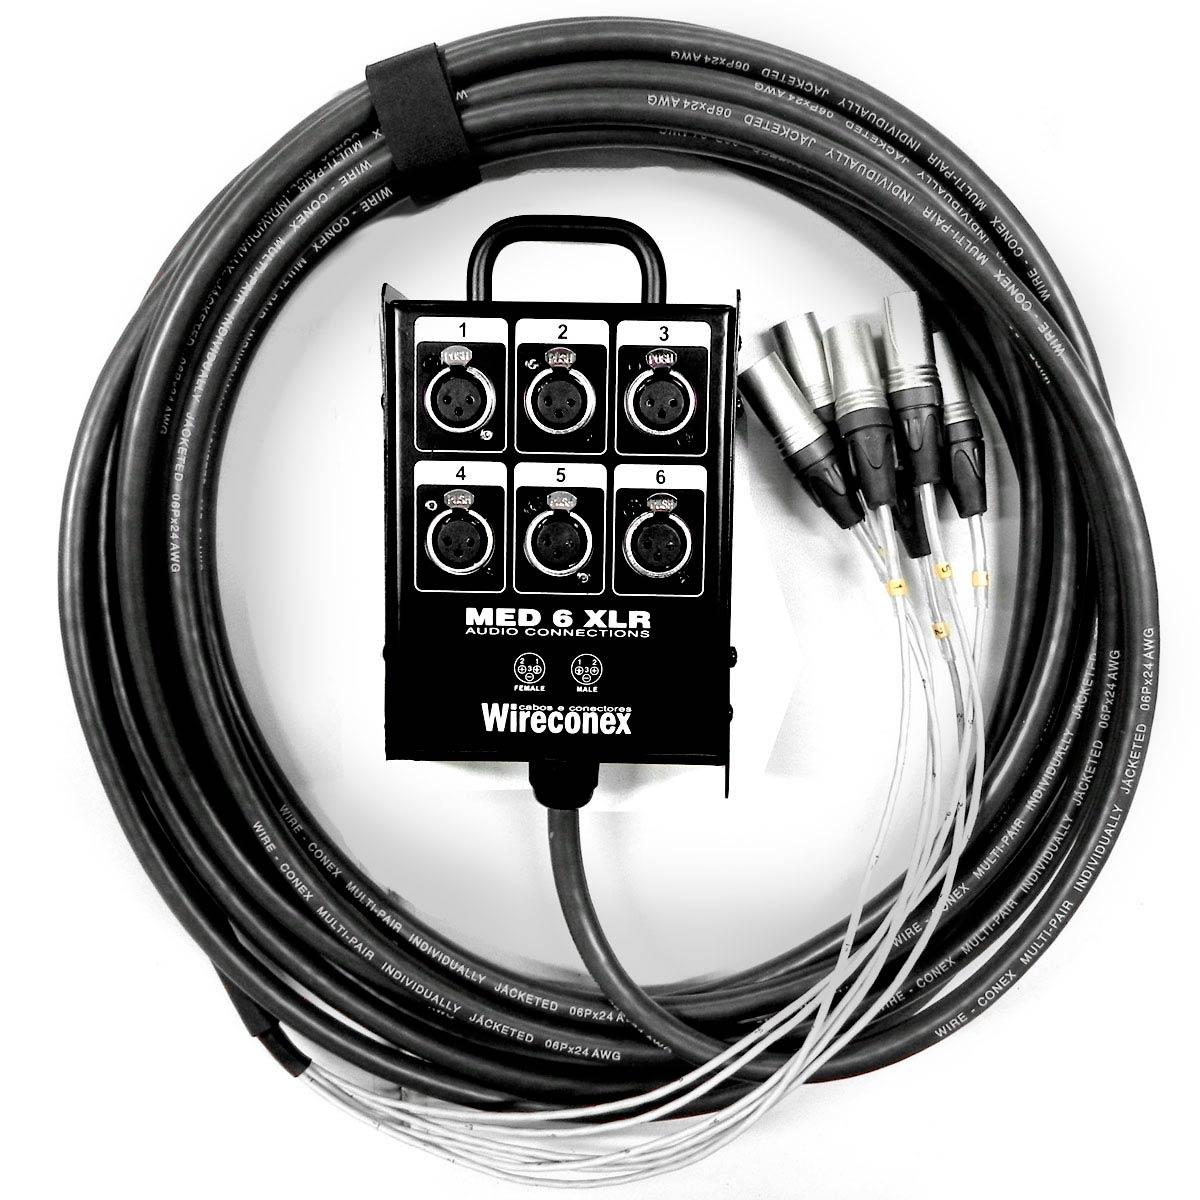 Multicabo Completo 6 Vias XLR ( Balanceado ) c/ Trava 15 Metros - Wireconex